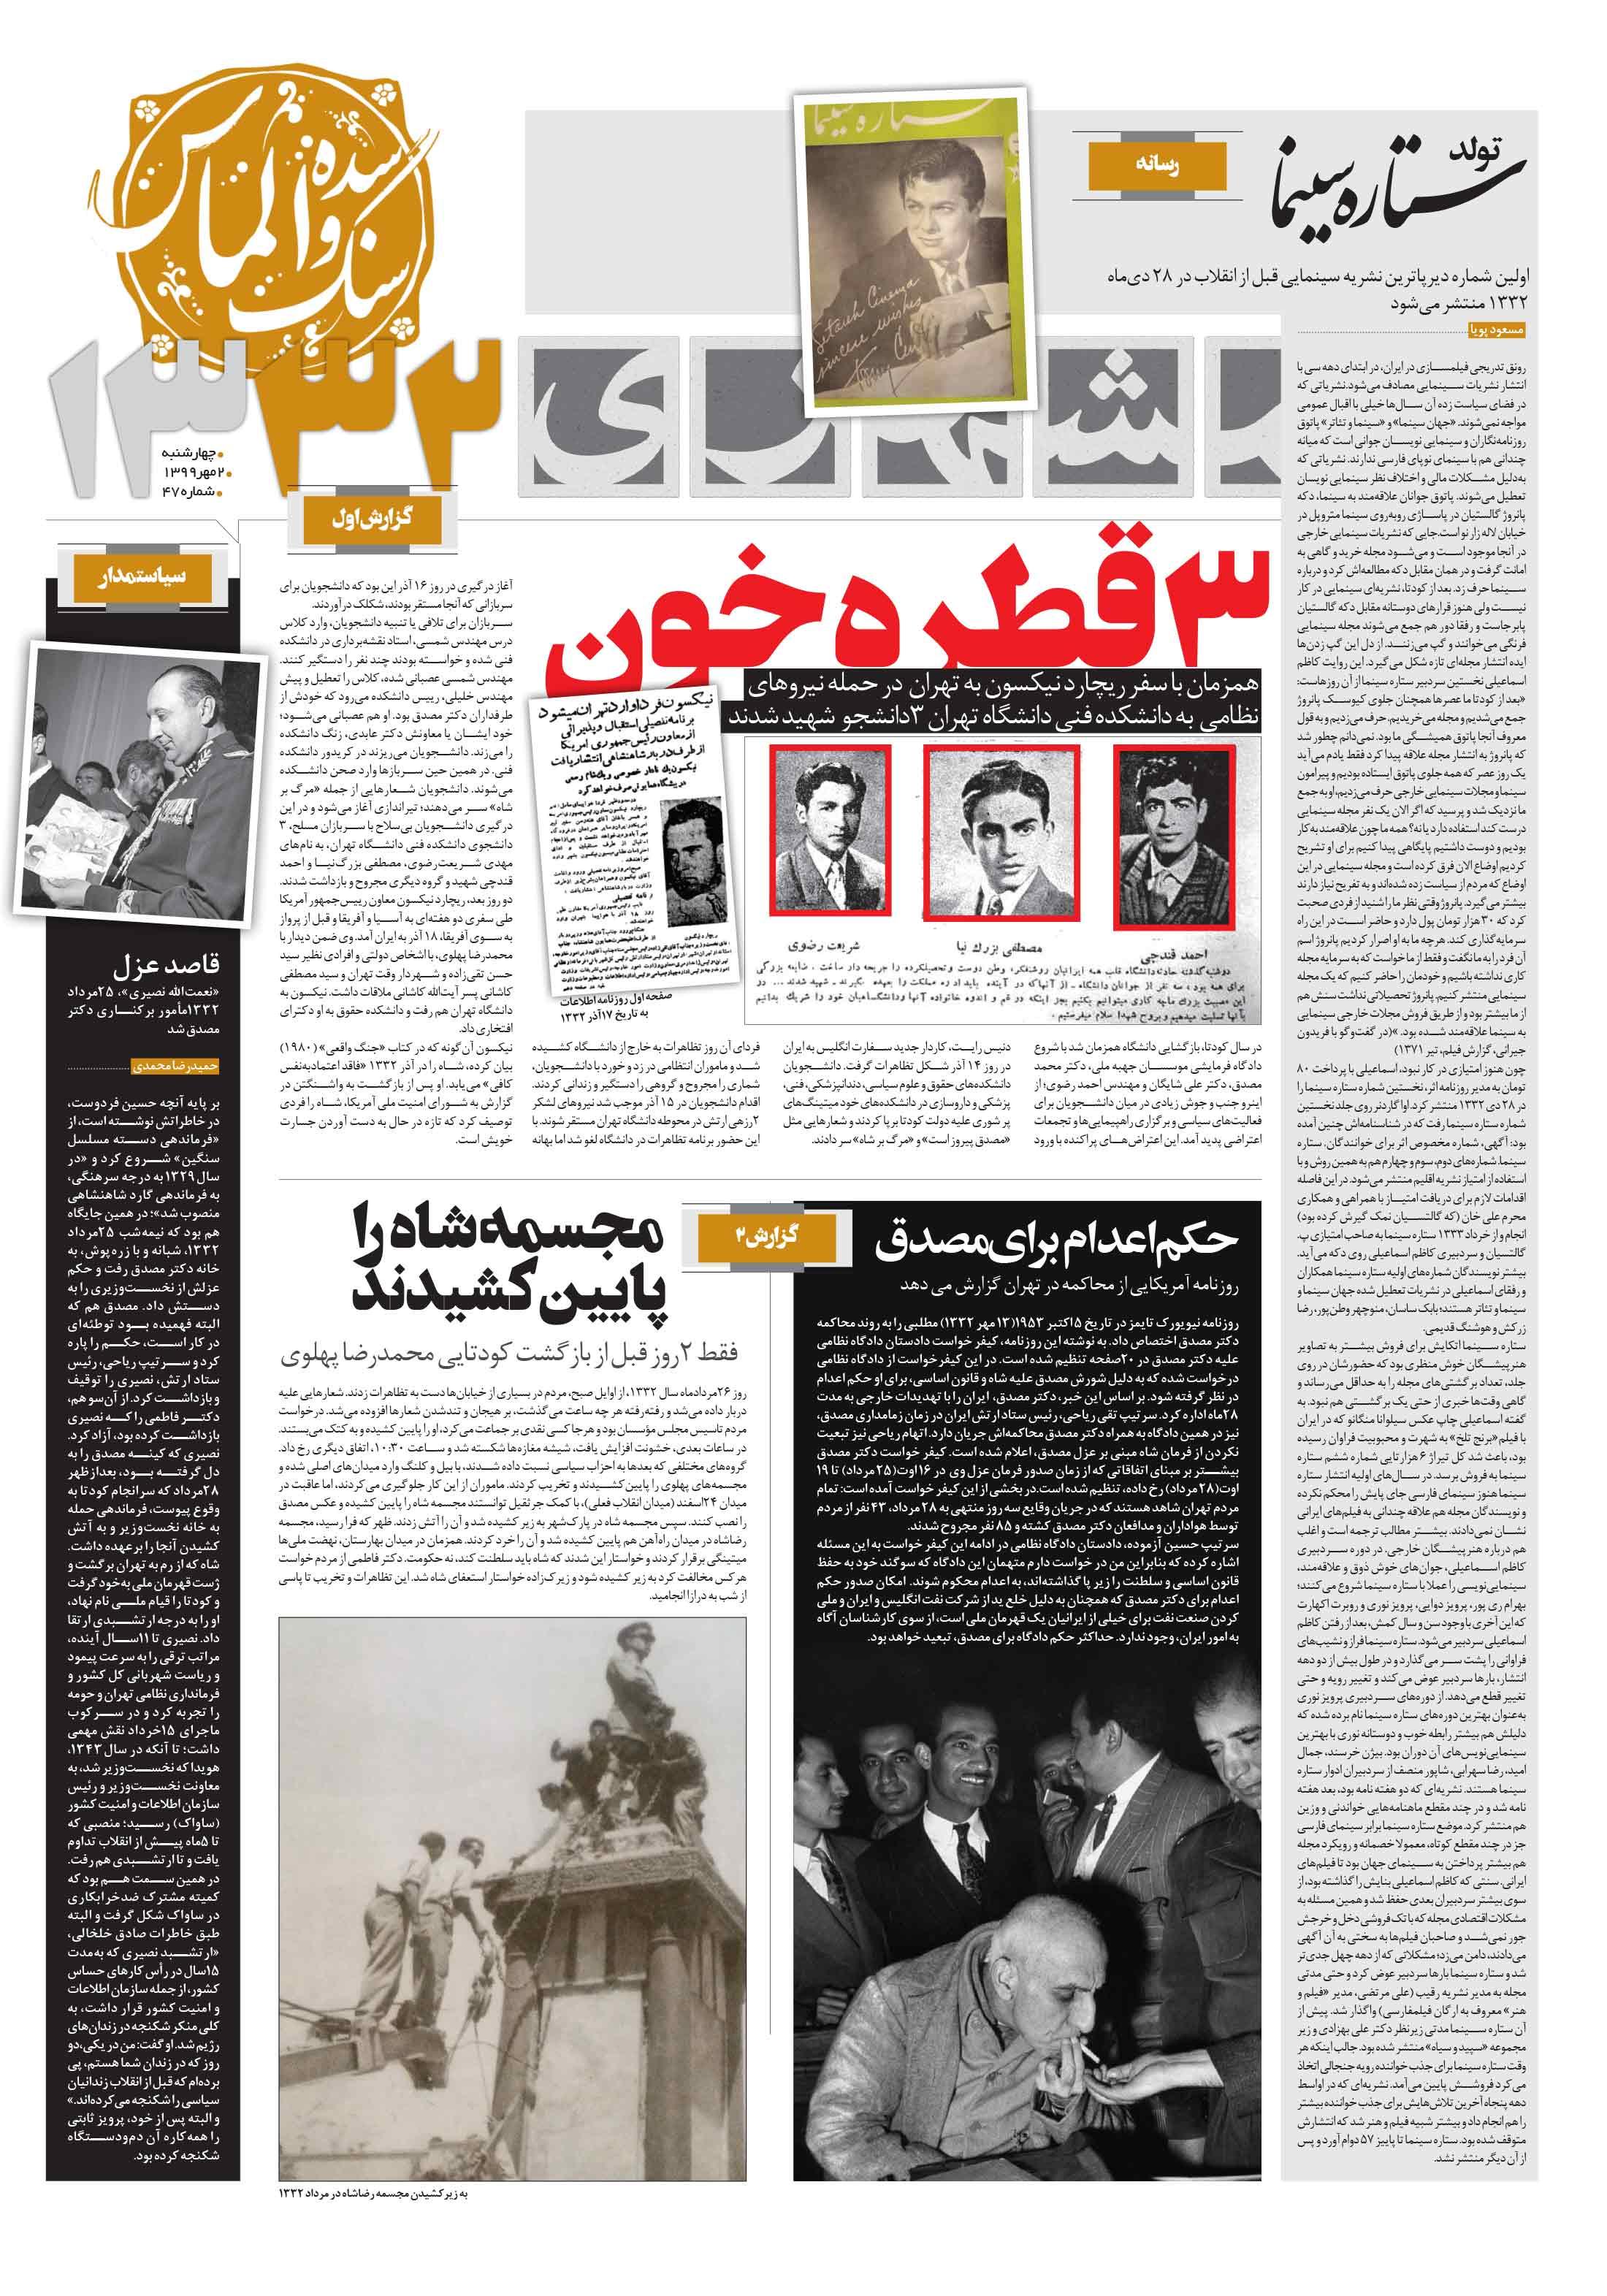 صفحه اول قرن